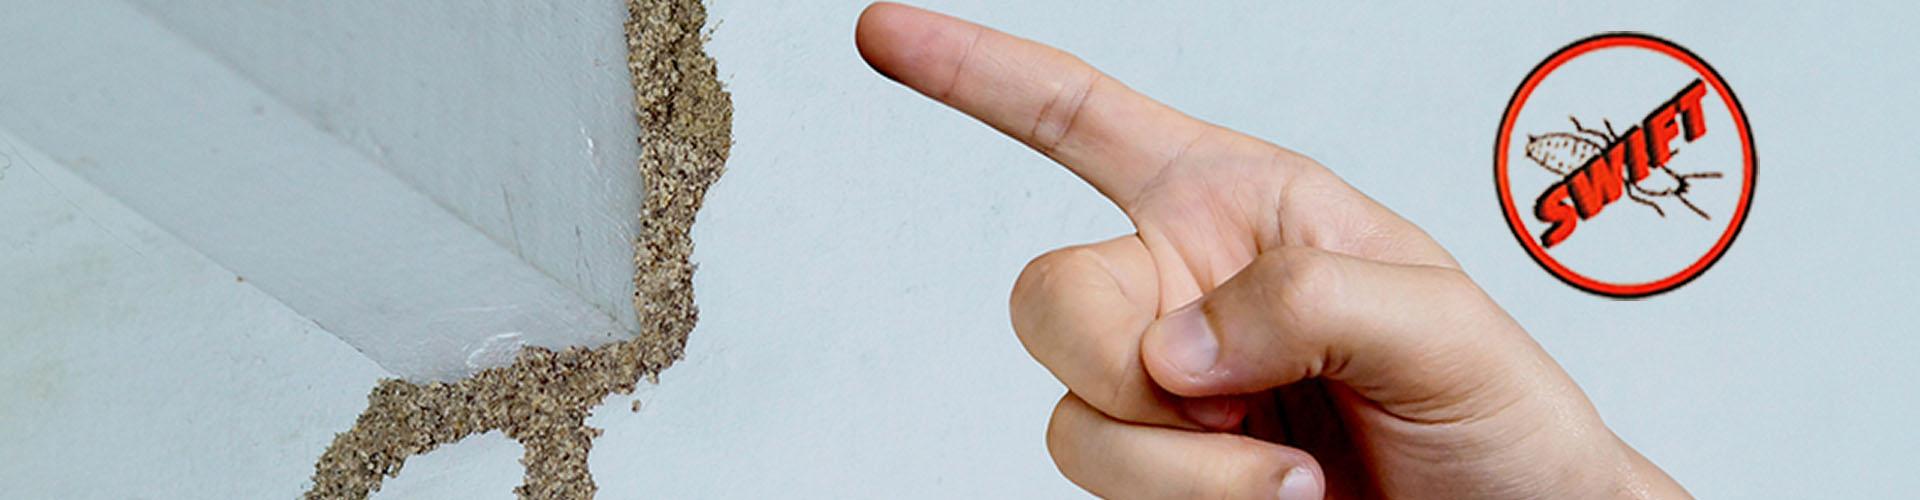 SWIFT Termite Control